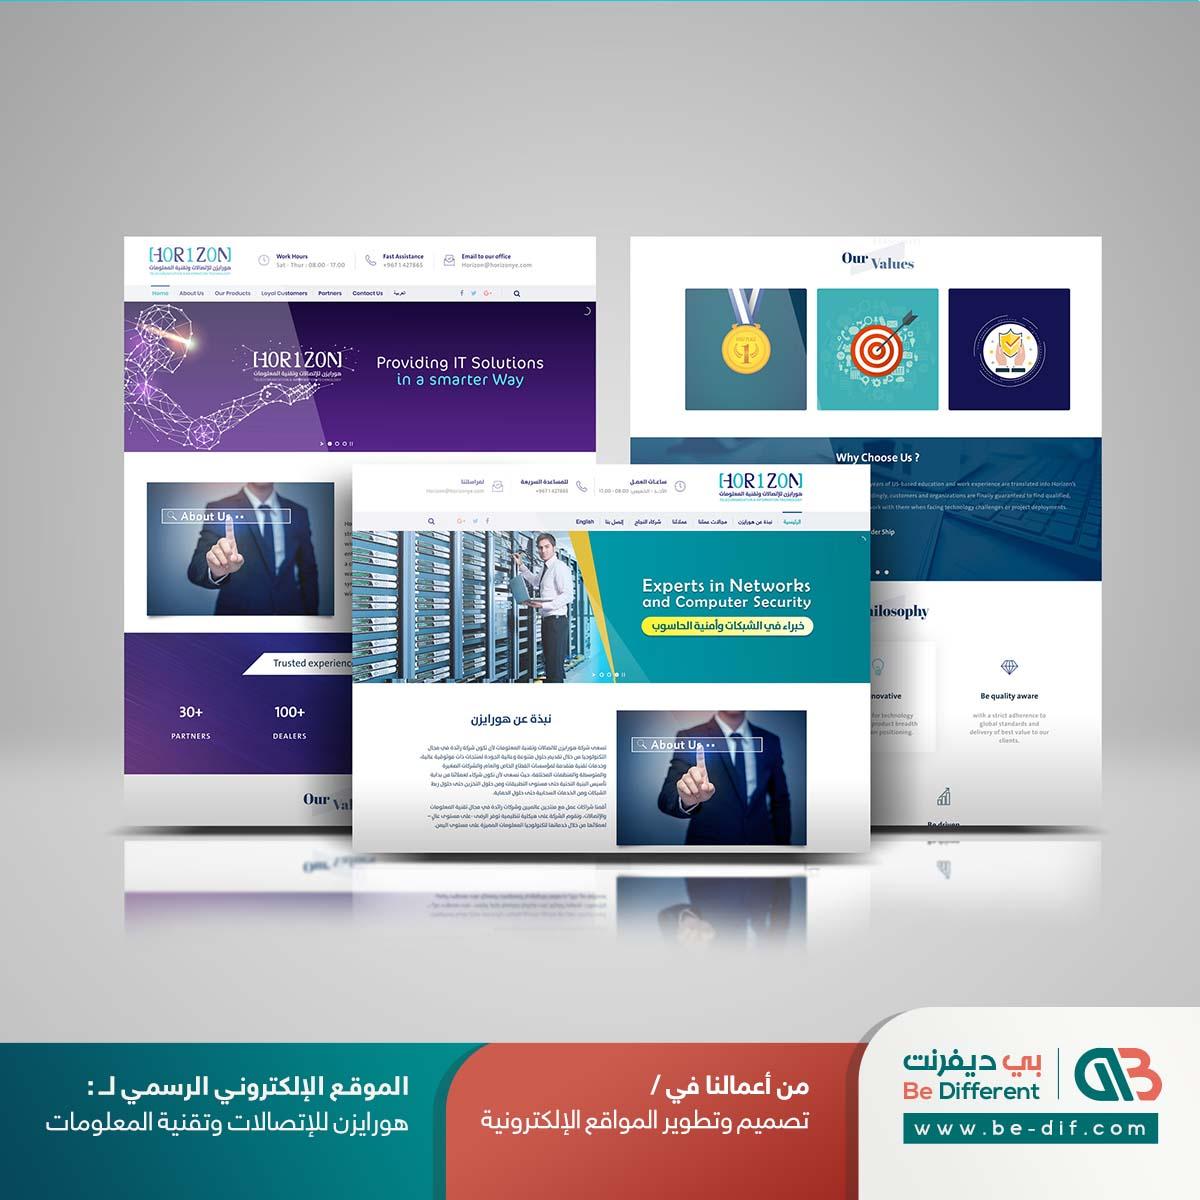 تصميم موقع ويب شركة هورايزون لتقنية المعلومات - بي ديفرنت تصاميم متاجر الكترونية